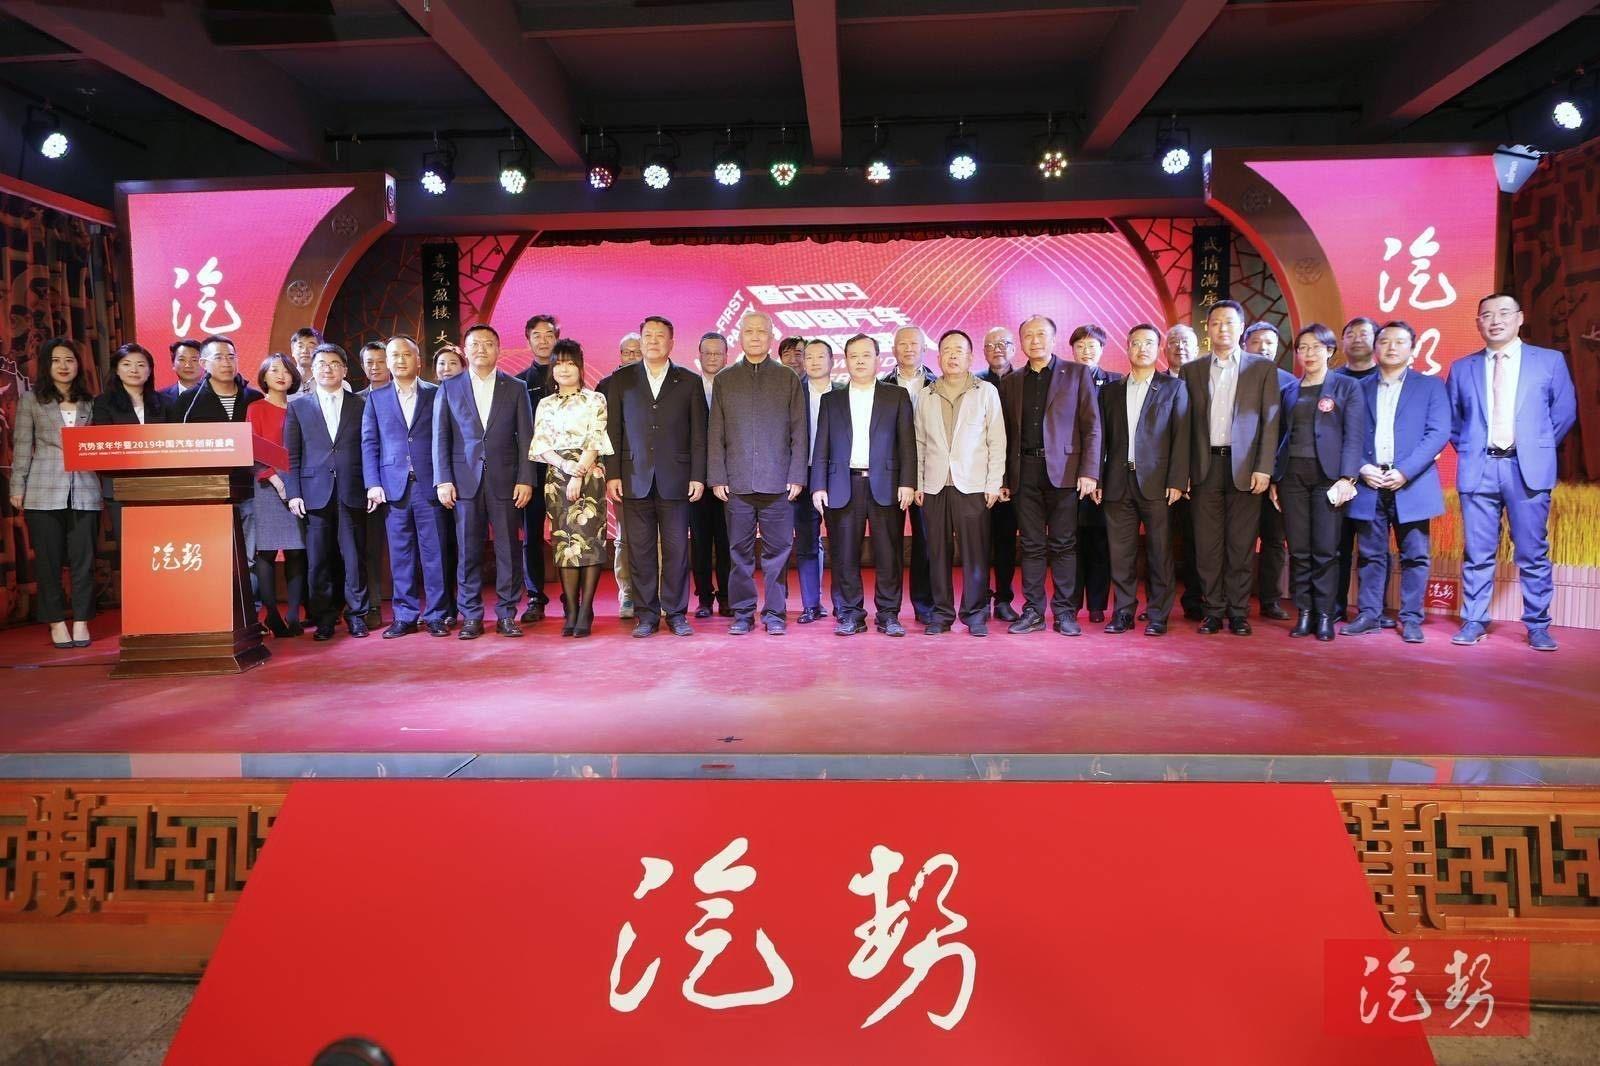 汽势家年华暨2019中国汽车创新盛典大奖揭晓